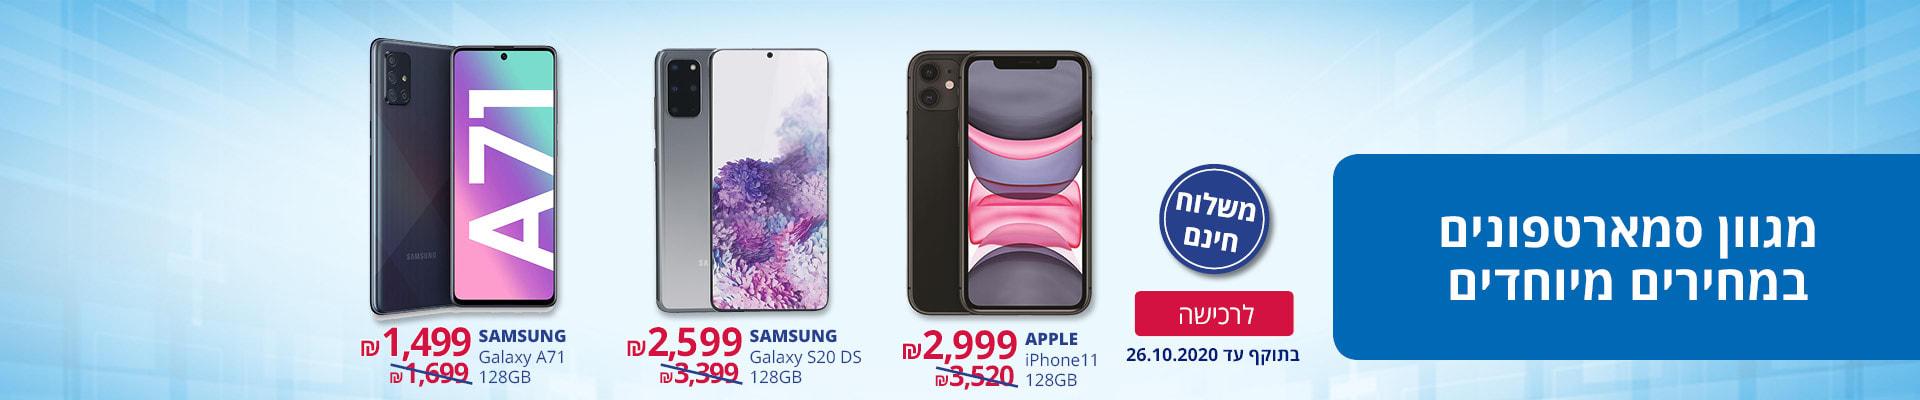 מגוון סמארטפונים במחירים מיוחדים ומשלוח חינם: GALAXY S20 DS 128GB ב-2599 ₪, Iphone 11 128GBב-2999 ₪, SAMSUNG A71 128GB ב-1499 ₪. בתוקף עד 26.10.2020